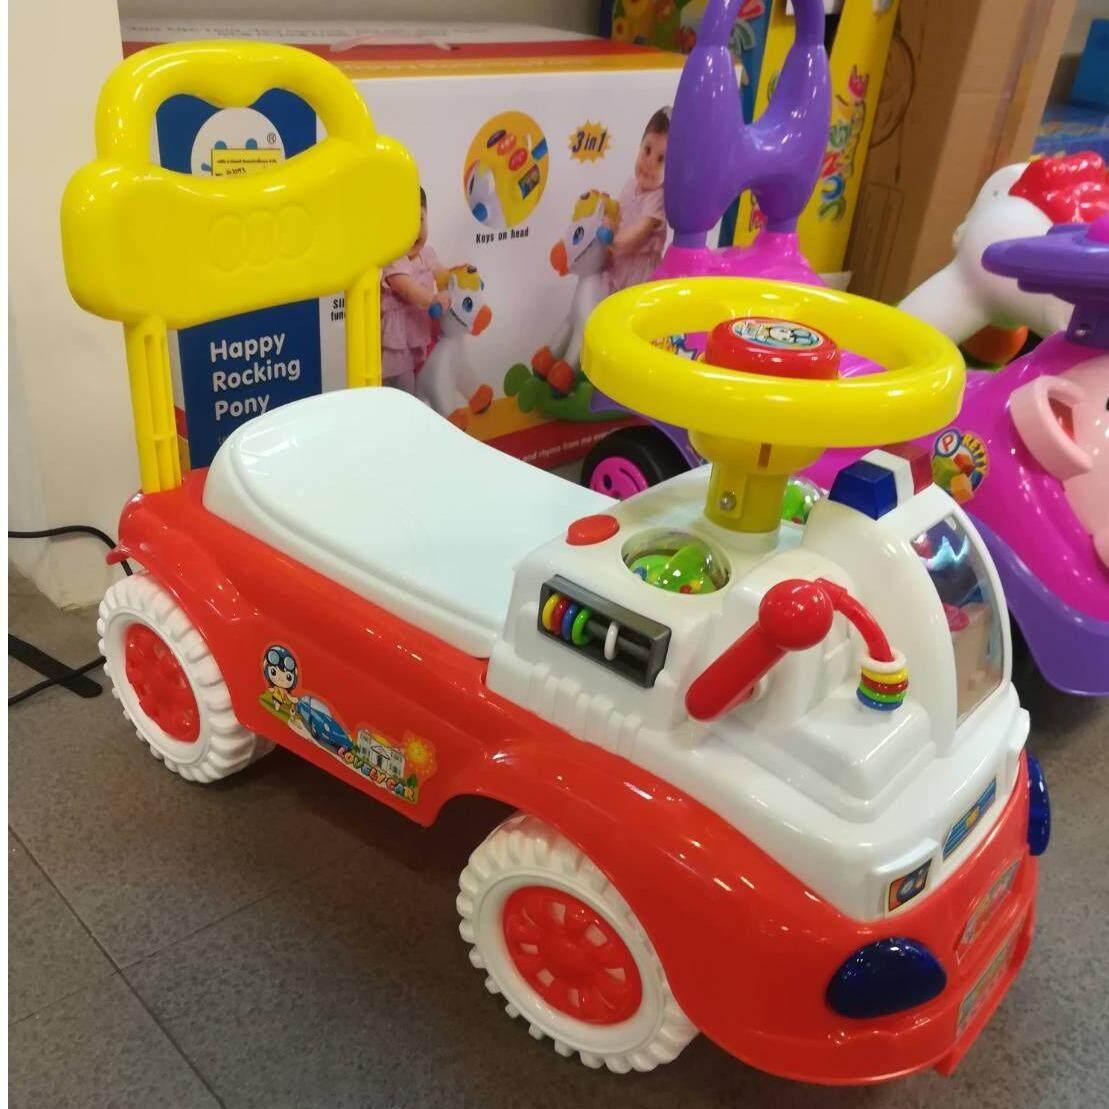 ขาย Natchavee รถขาไถ รถของเล่นเด็ก มีเสียงเพลง รุ่นDeluxe Baby ฝึกทักษะการเดินและทรงตัวเด็ก กรุงเทพมหานคร ถูก